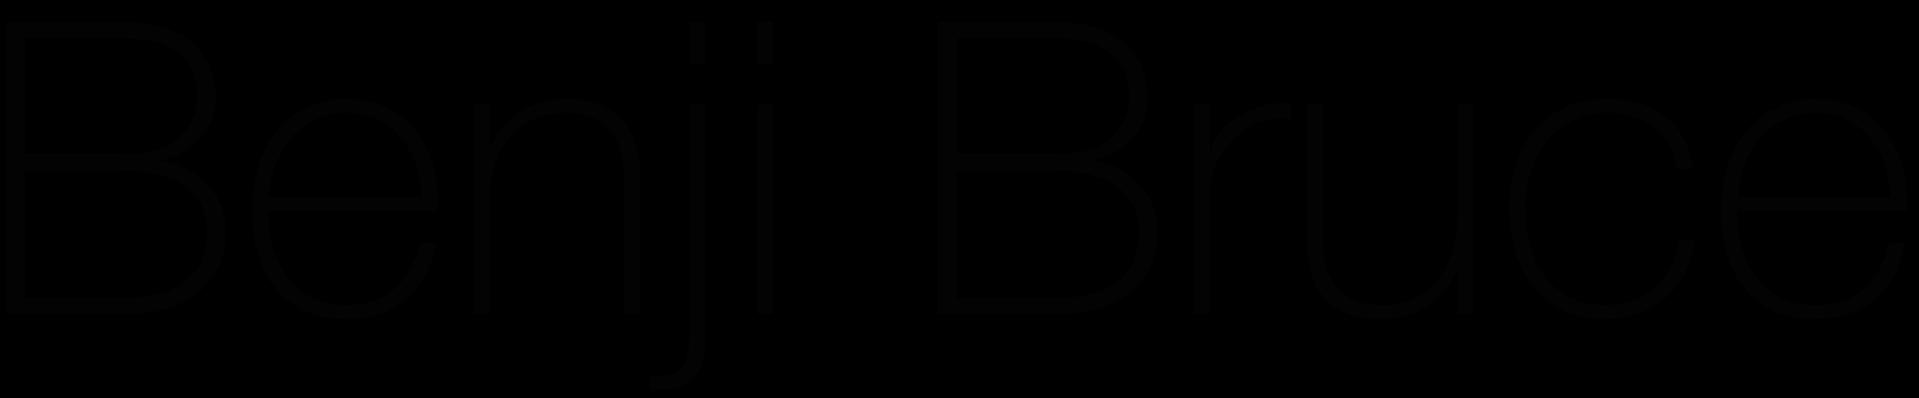 Benji Bruce - Mentalist - Speaker